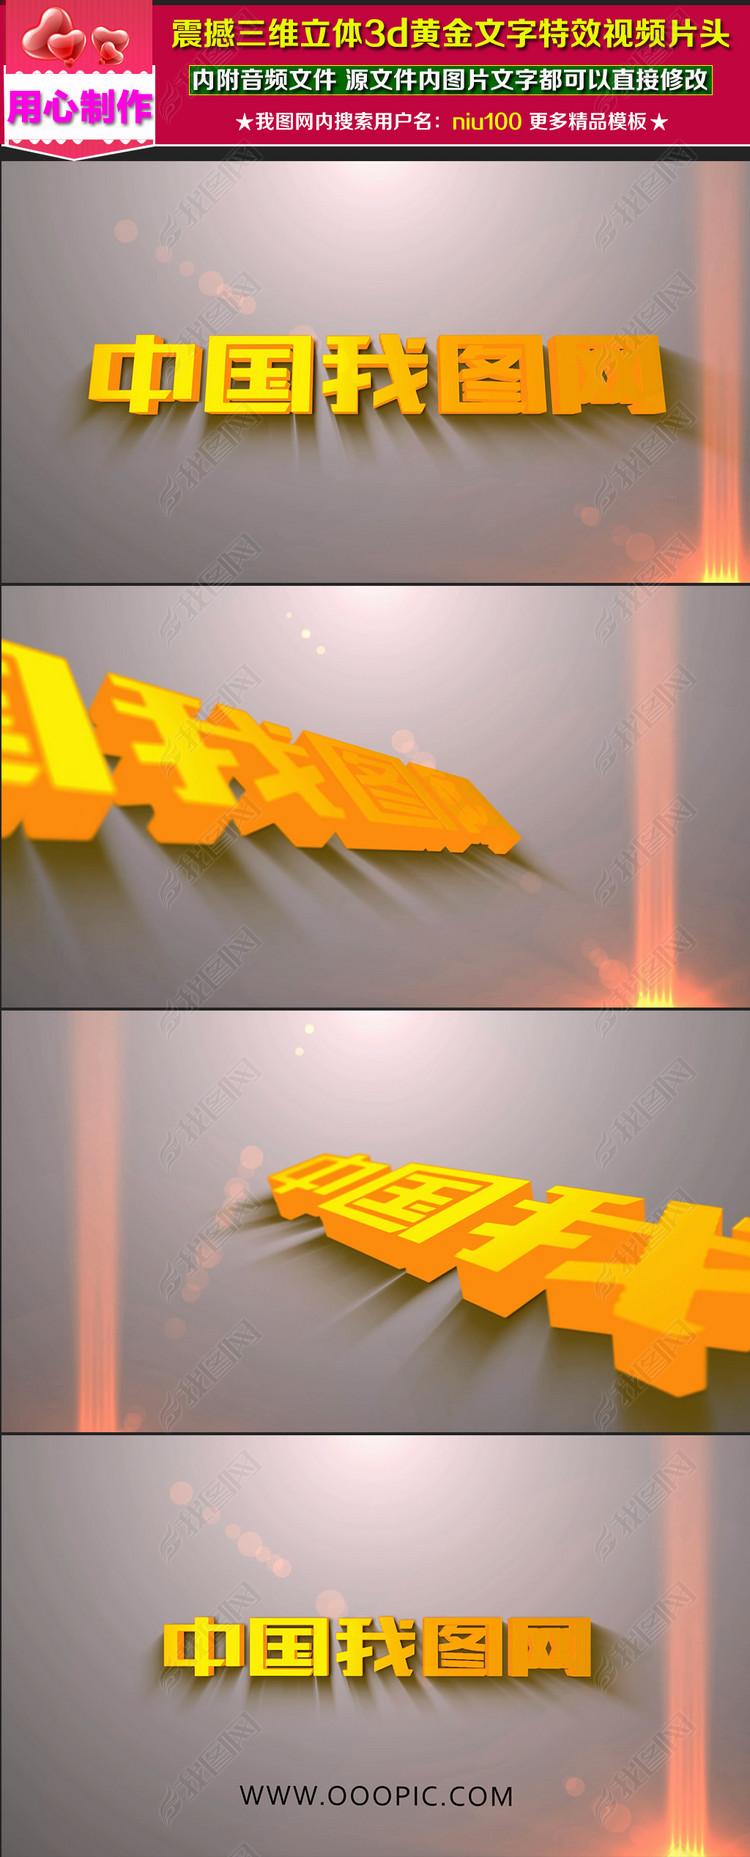 震撼三维立体3D黄金文字特效视频片头